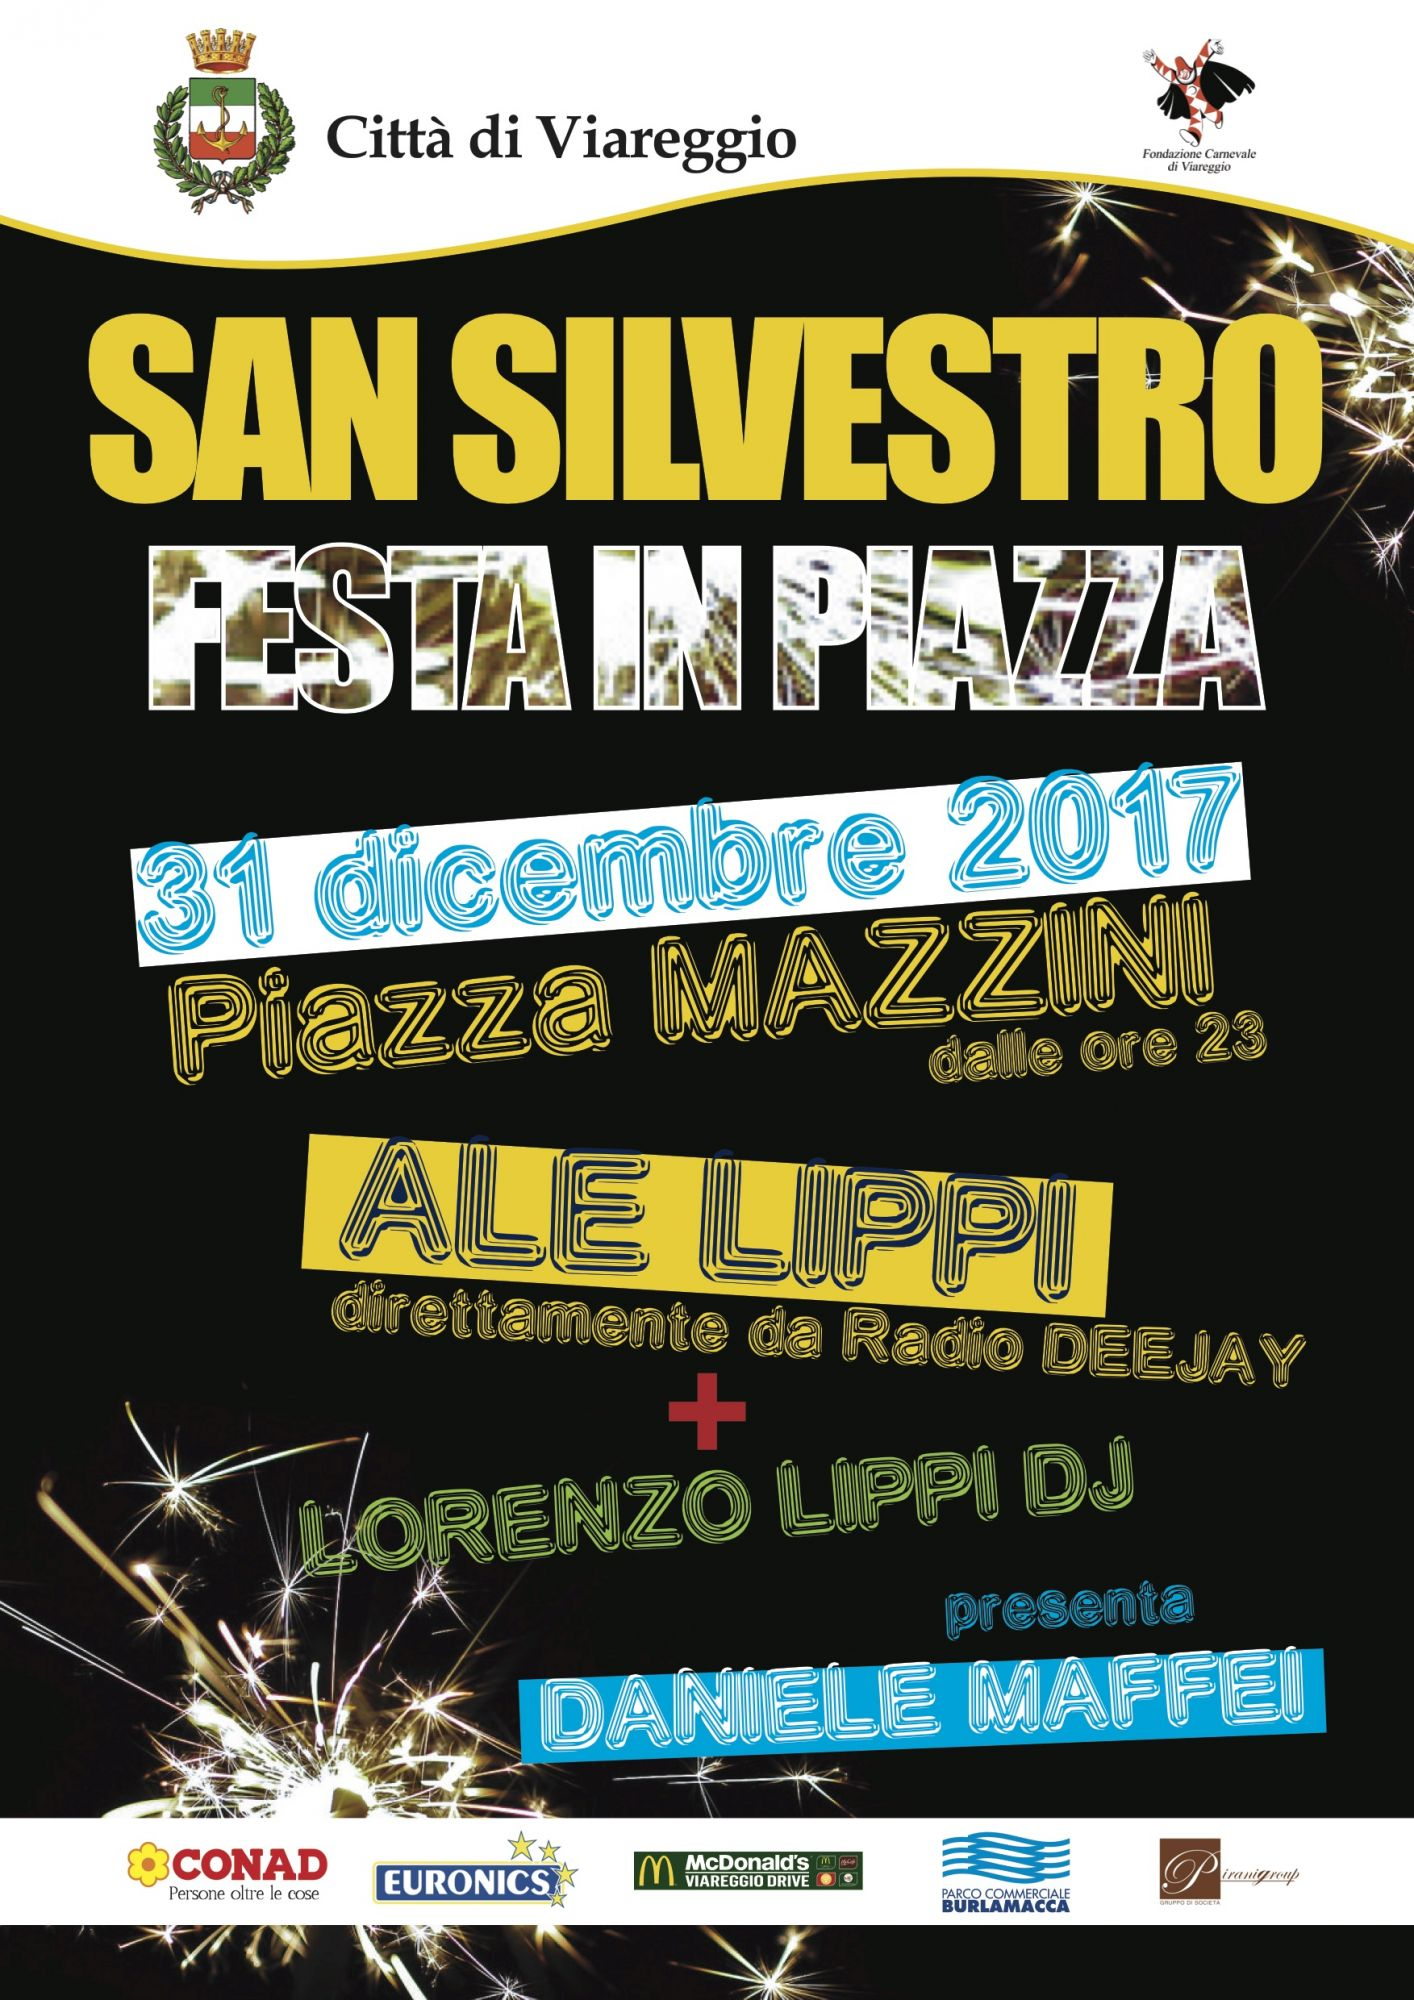 Grande festa di San Silvestro in piazza Mazzini con Ale Lippi